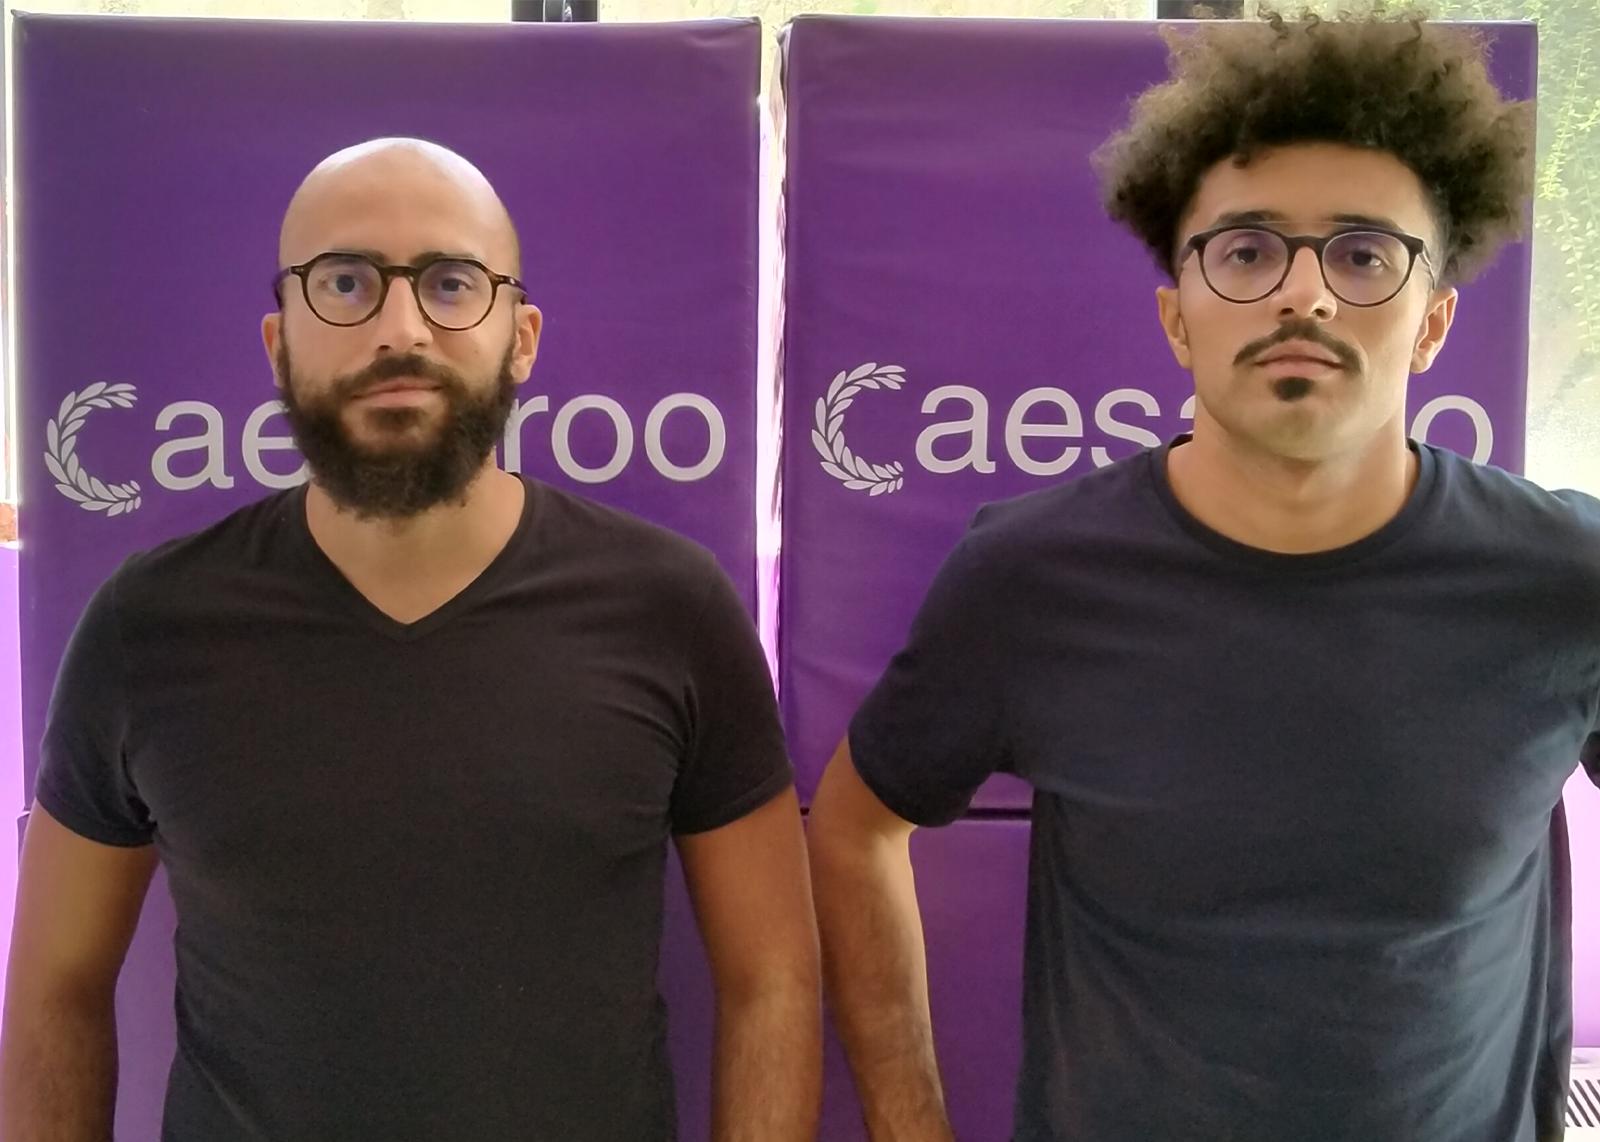 Come Caesaroo ha aumentato del 50% le conversioni sul suo sito e-commerce